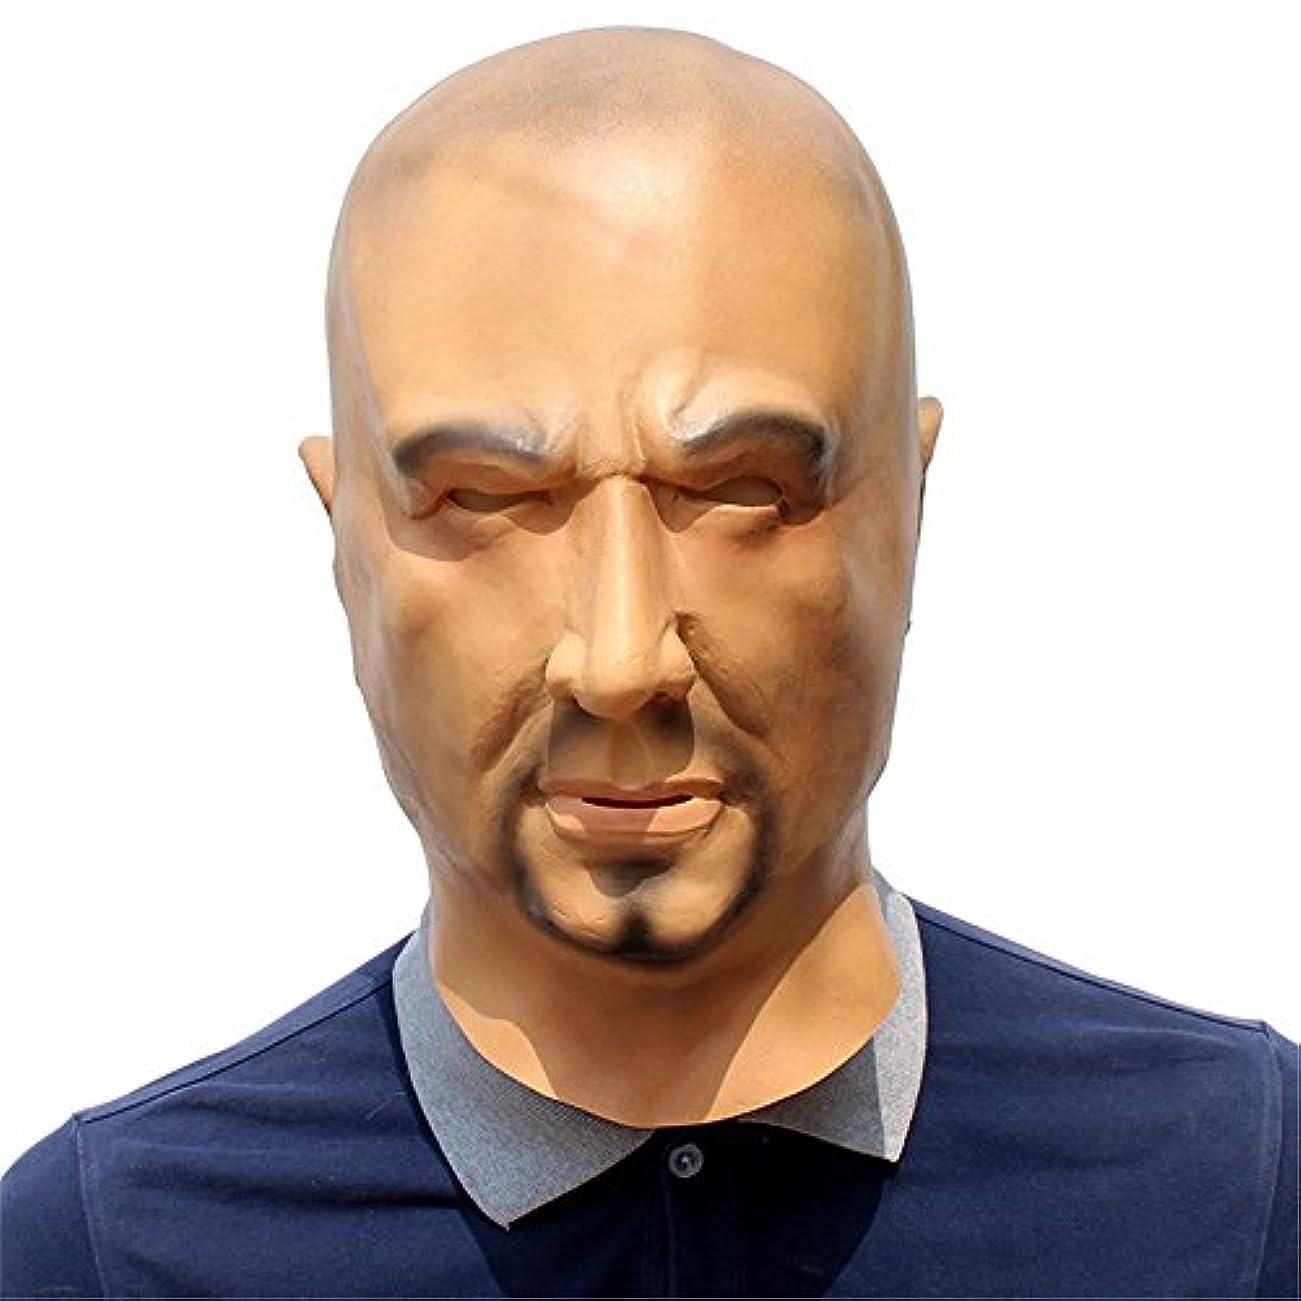 クリーナートレッドラインハロウィーンマッドCOSはフェイスマスクのトライアドラテックスマスクのロールプレイをドレスアップ